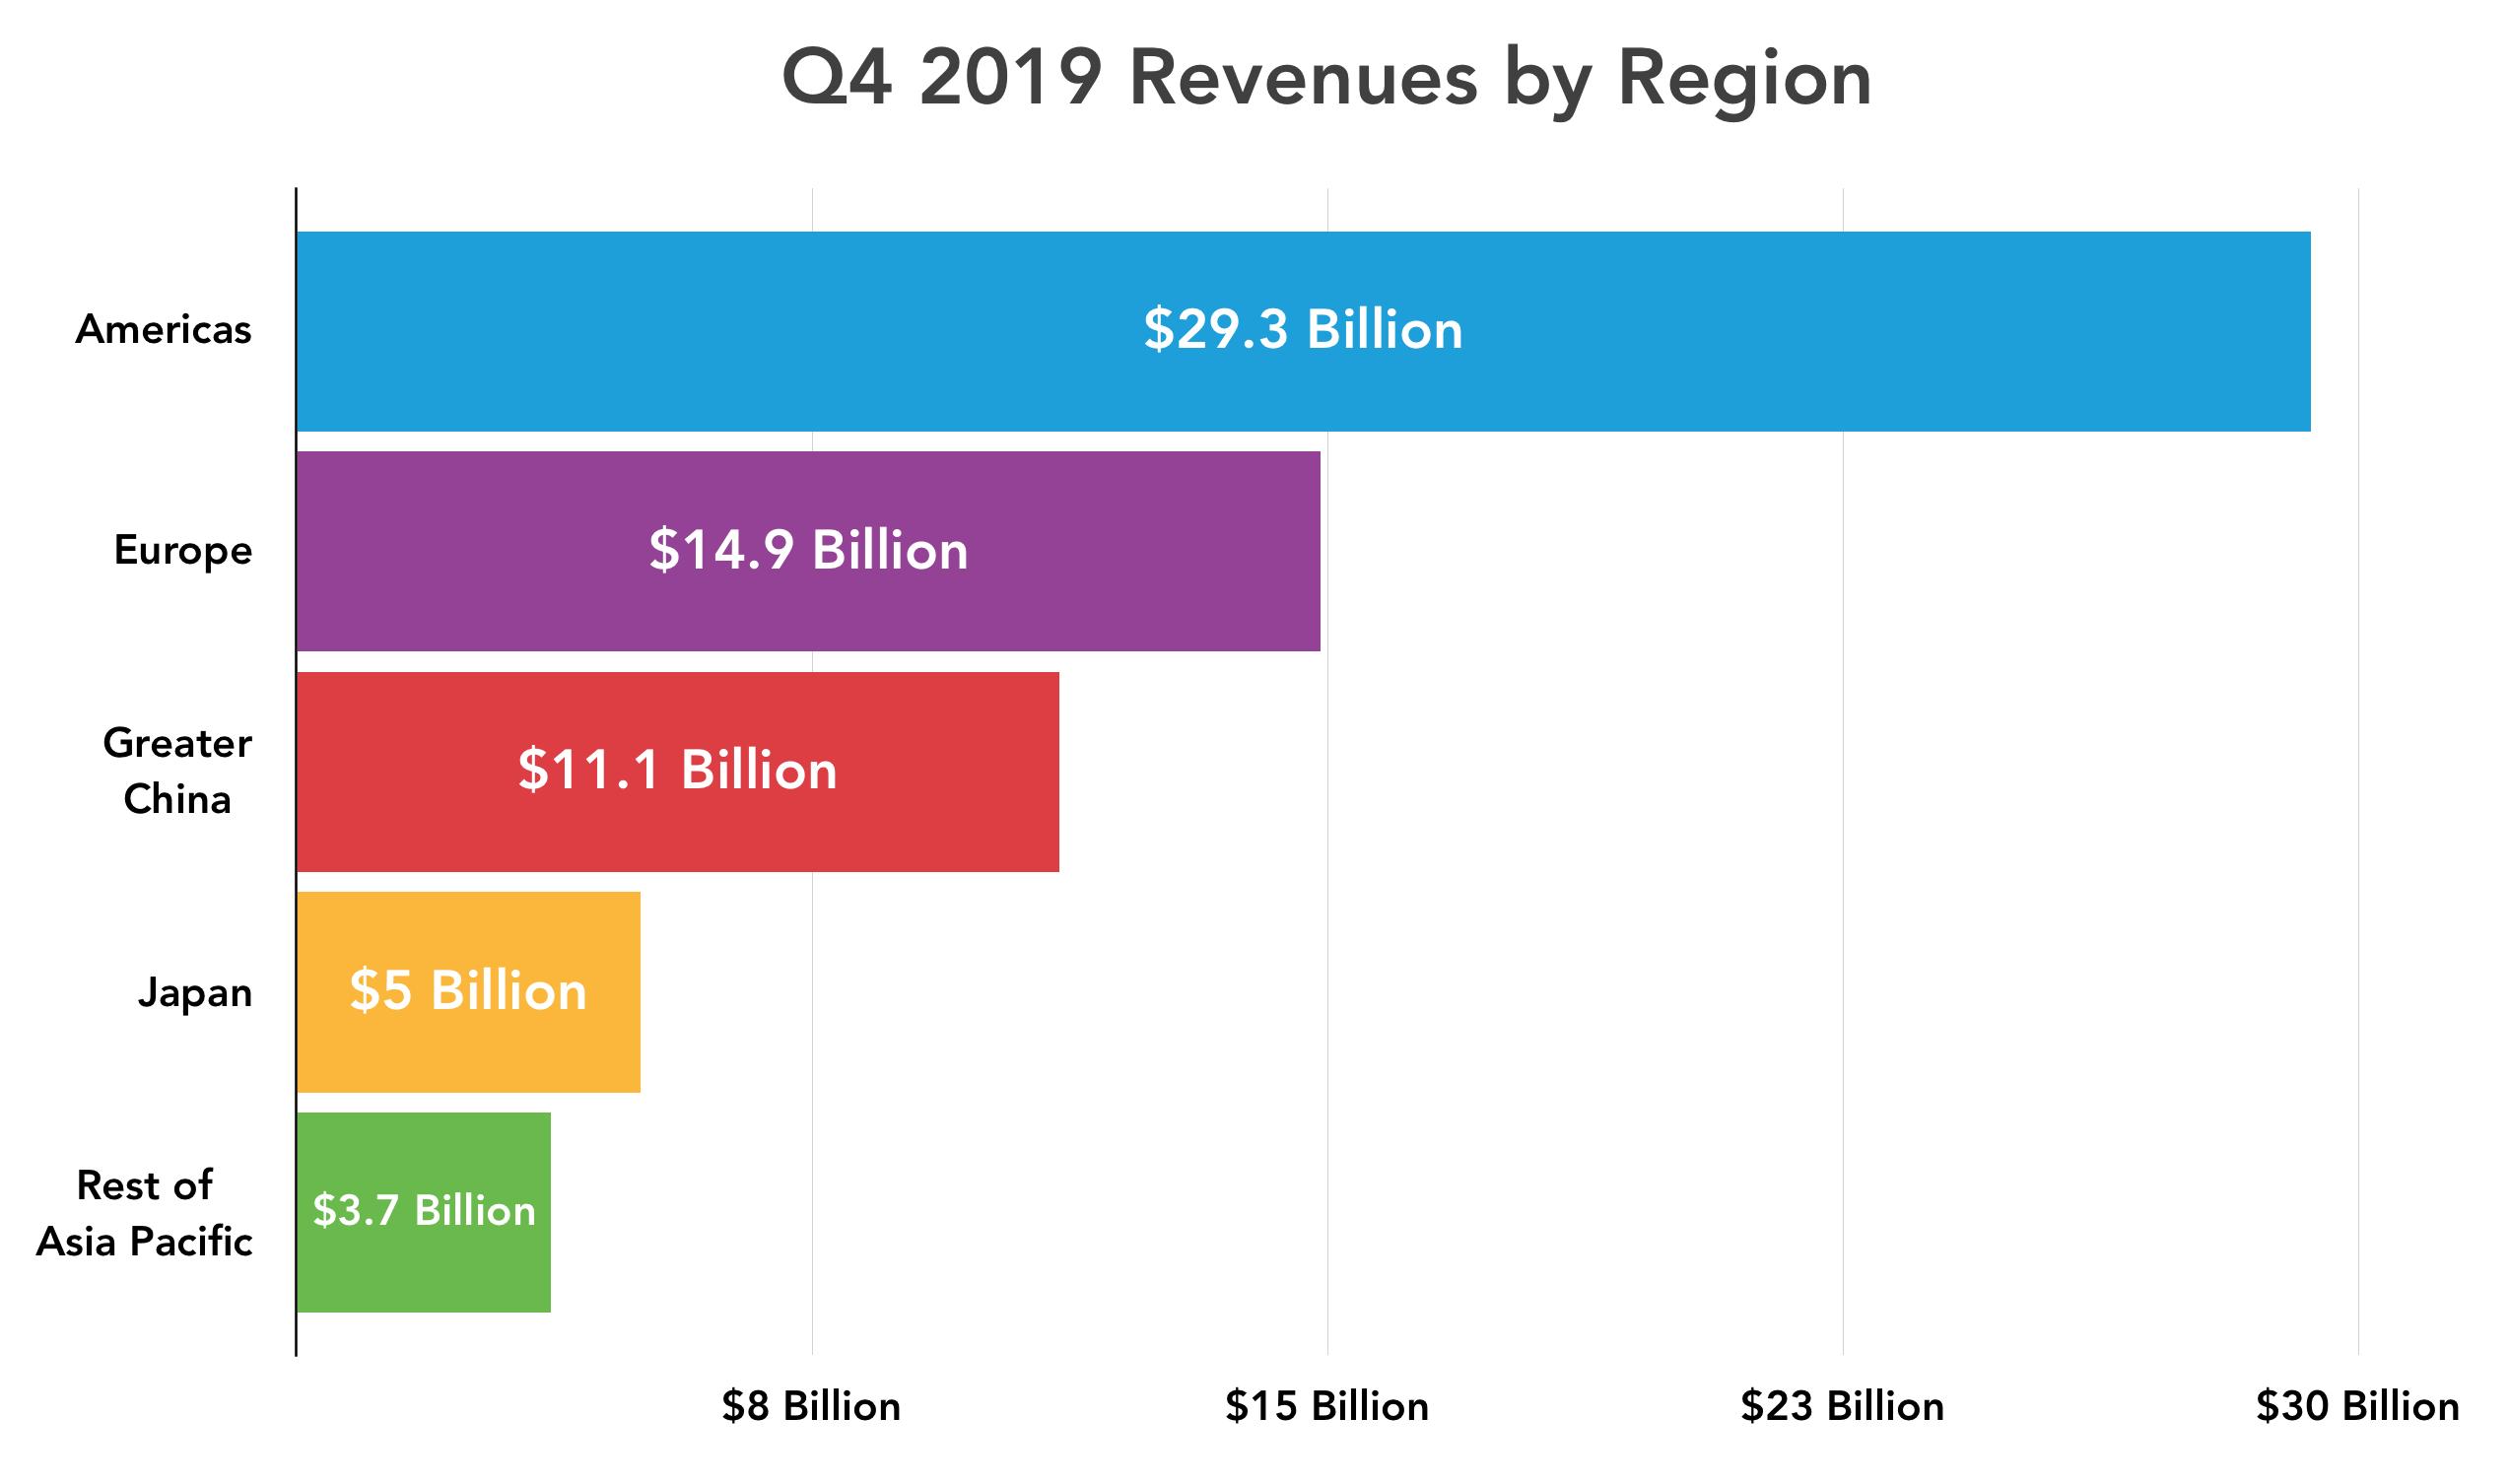 Q4 2019 geographic region revenue